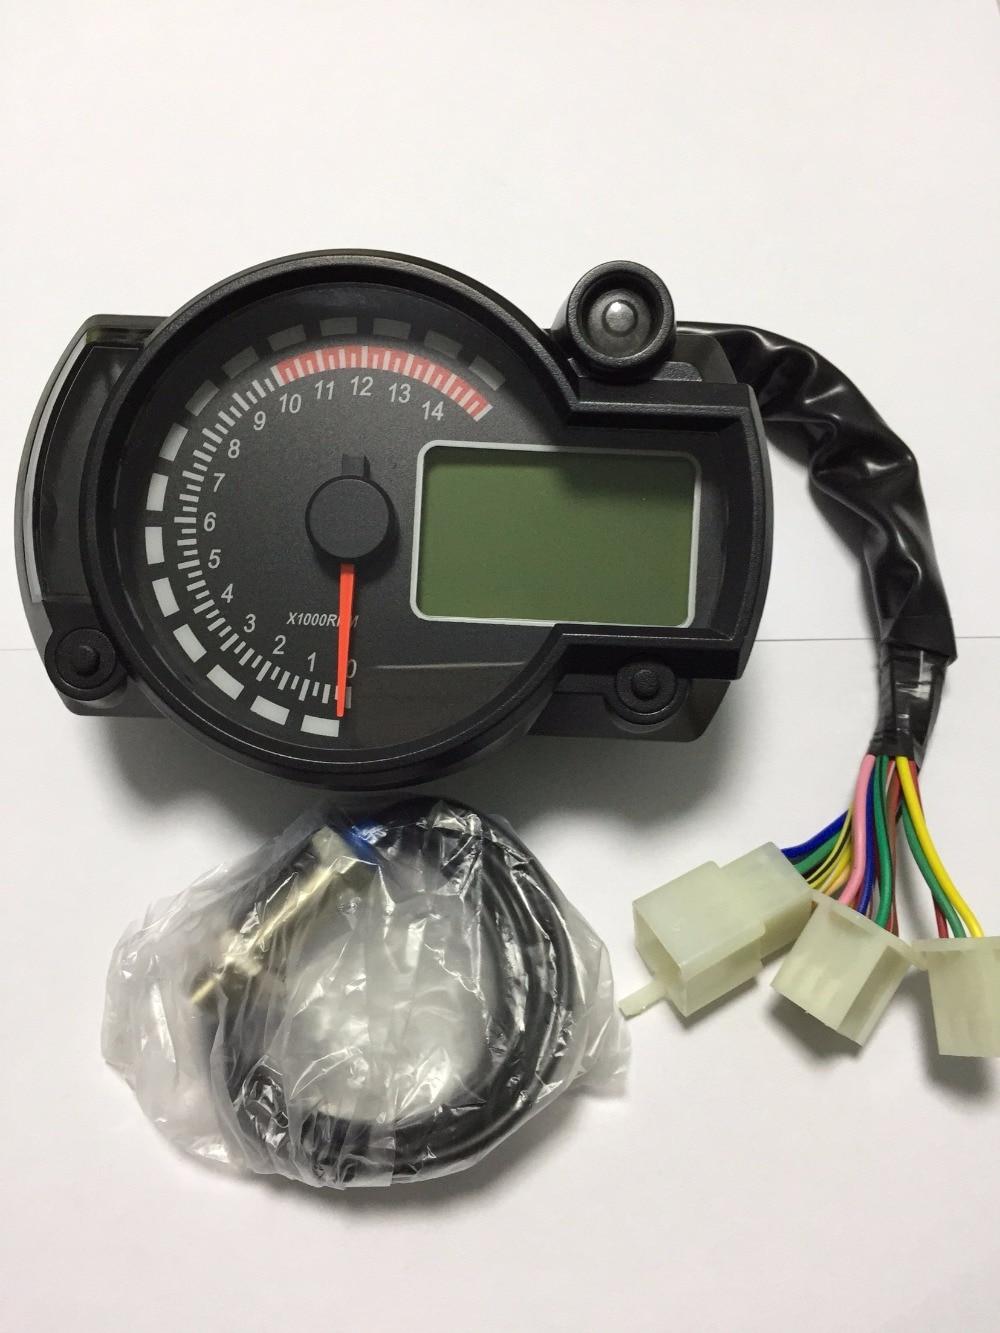 Eec bike digital speedometer motorcycle speed sensor260km h digital speedometer odometer dashboard motogp street bike in instruments from automobiles